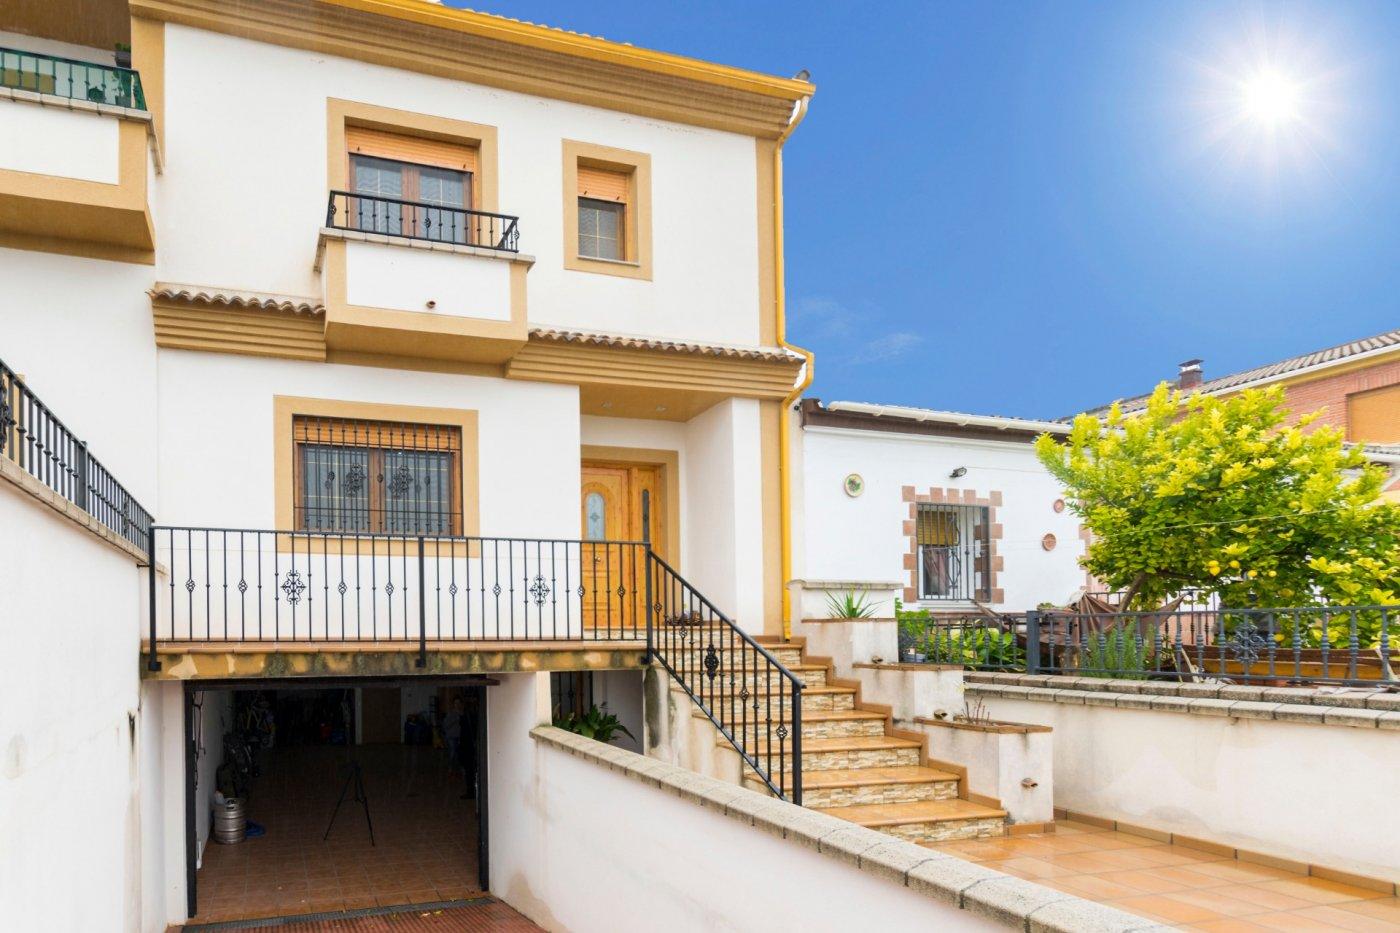 Casa casi nueva y amueblada con unas vistas muy bonitas en Moraleda, Granada